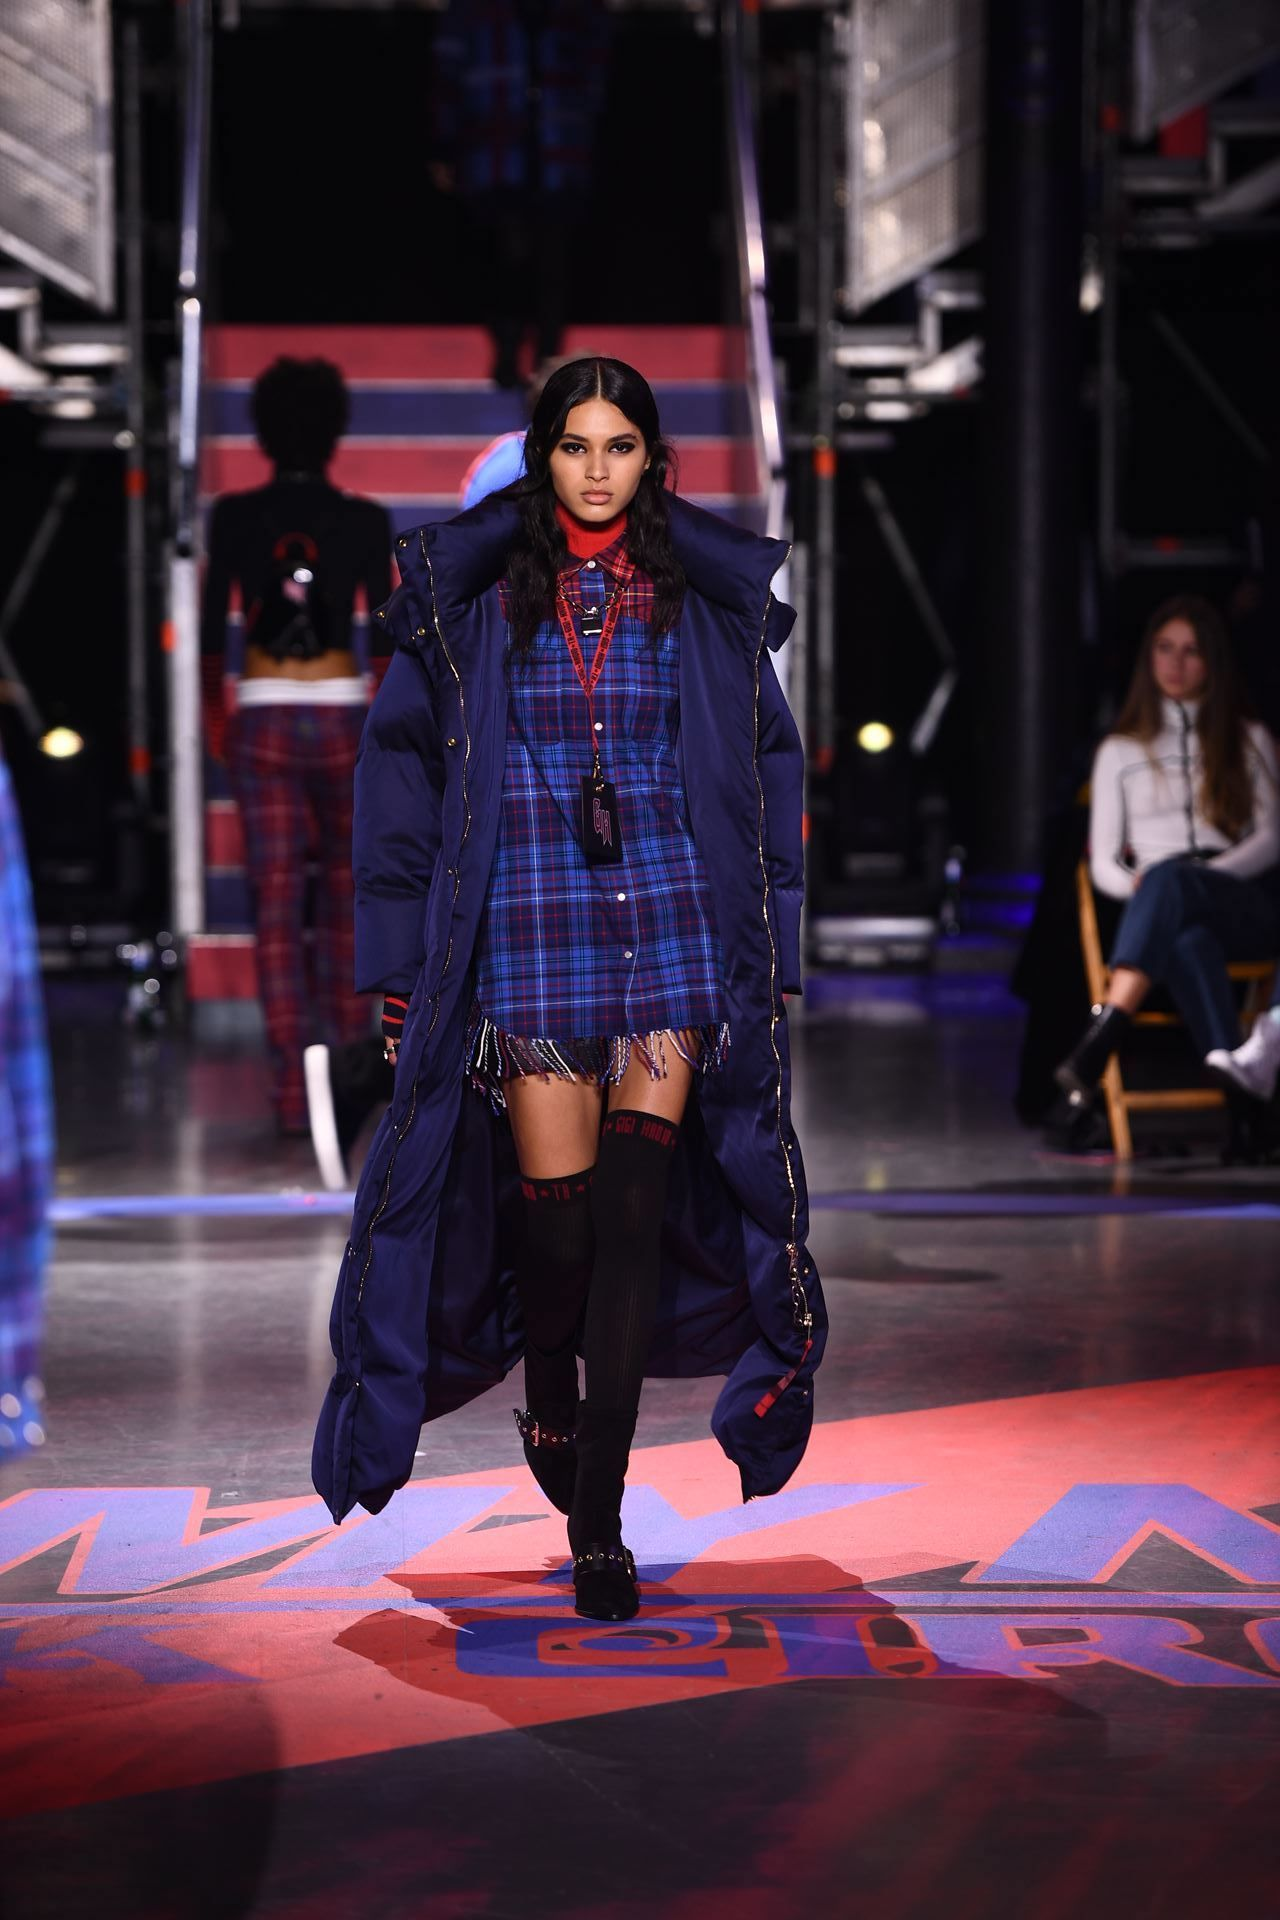 722bfe5e8133a Aira Ferreira in Gigi s favorite coat